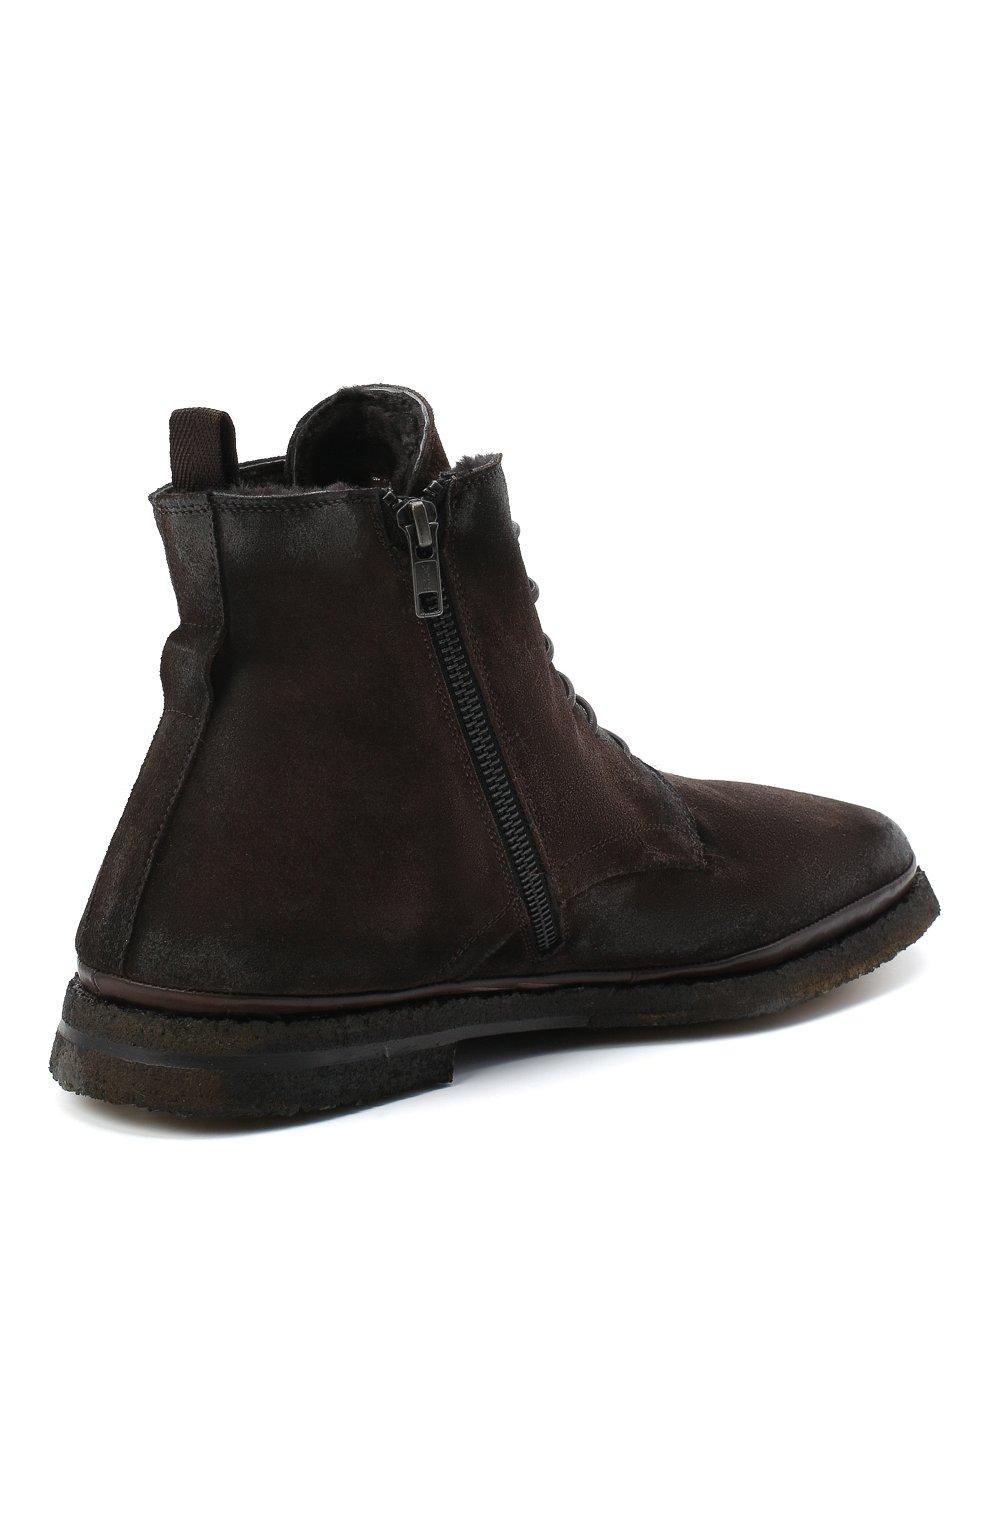 Мужские замшевые ботинки ALEXANDER HOTTO темно-коричневого цвета, арт. 58045/T0M/SENS0RY | Фото 4